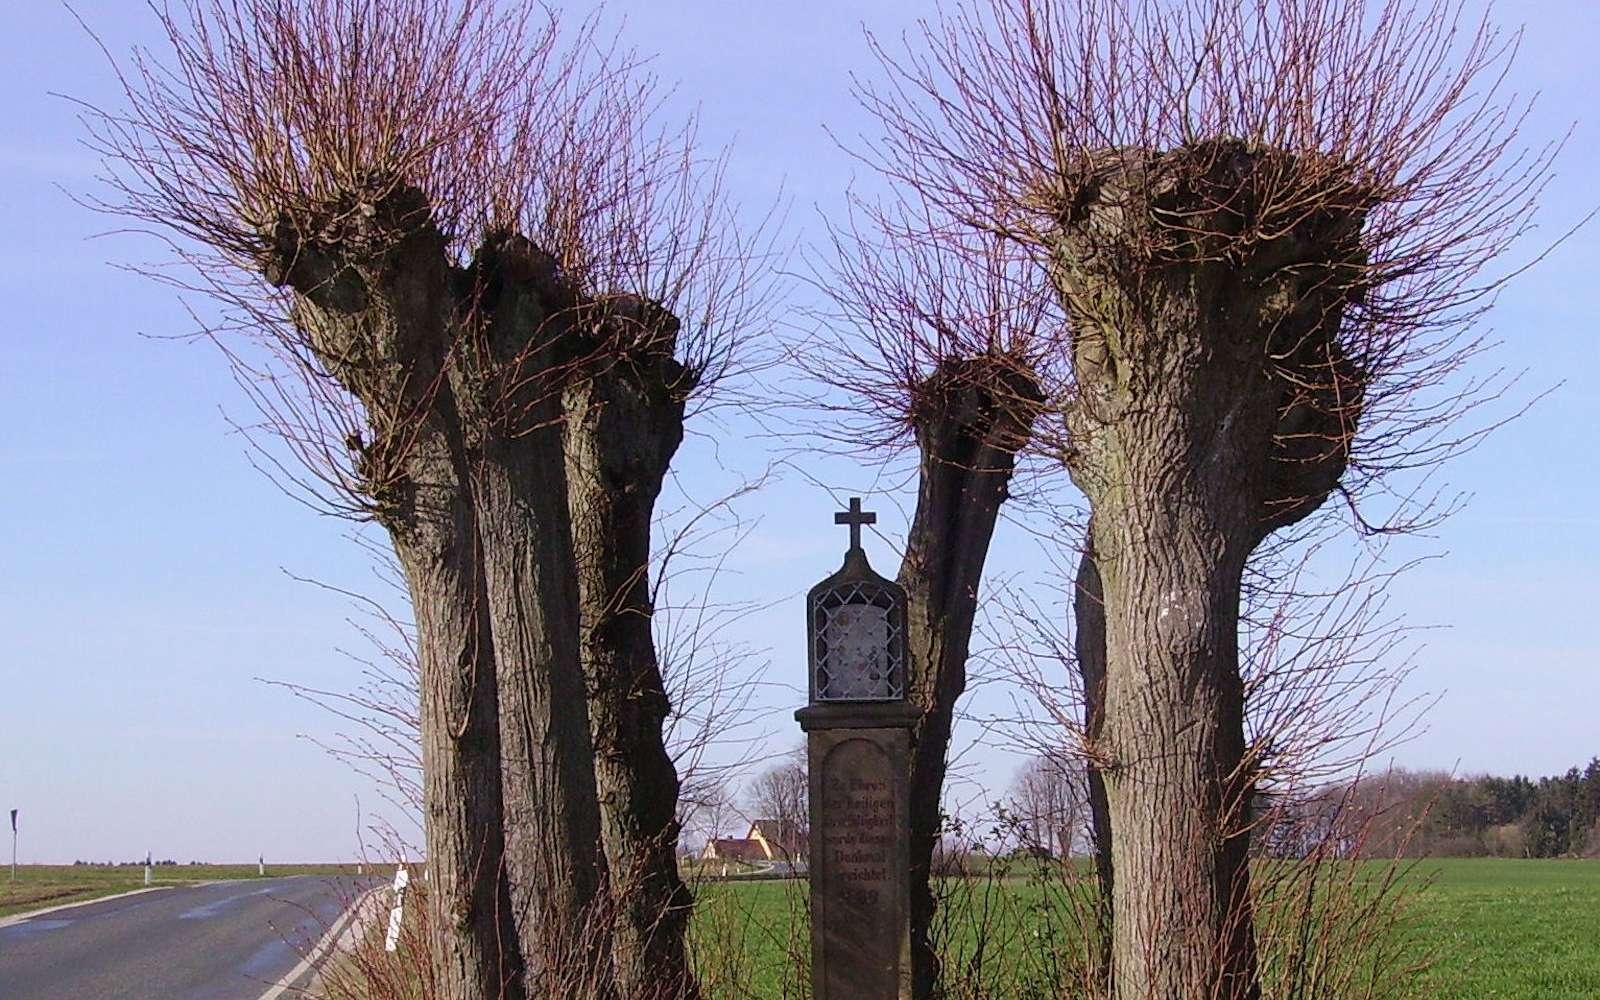 L'arbre têtard, dont les branches maîtresses sont coupées à intervalle régulier. © Immanuel Giel Wikipedia